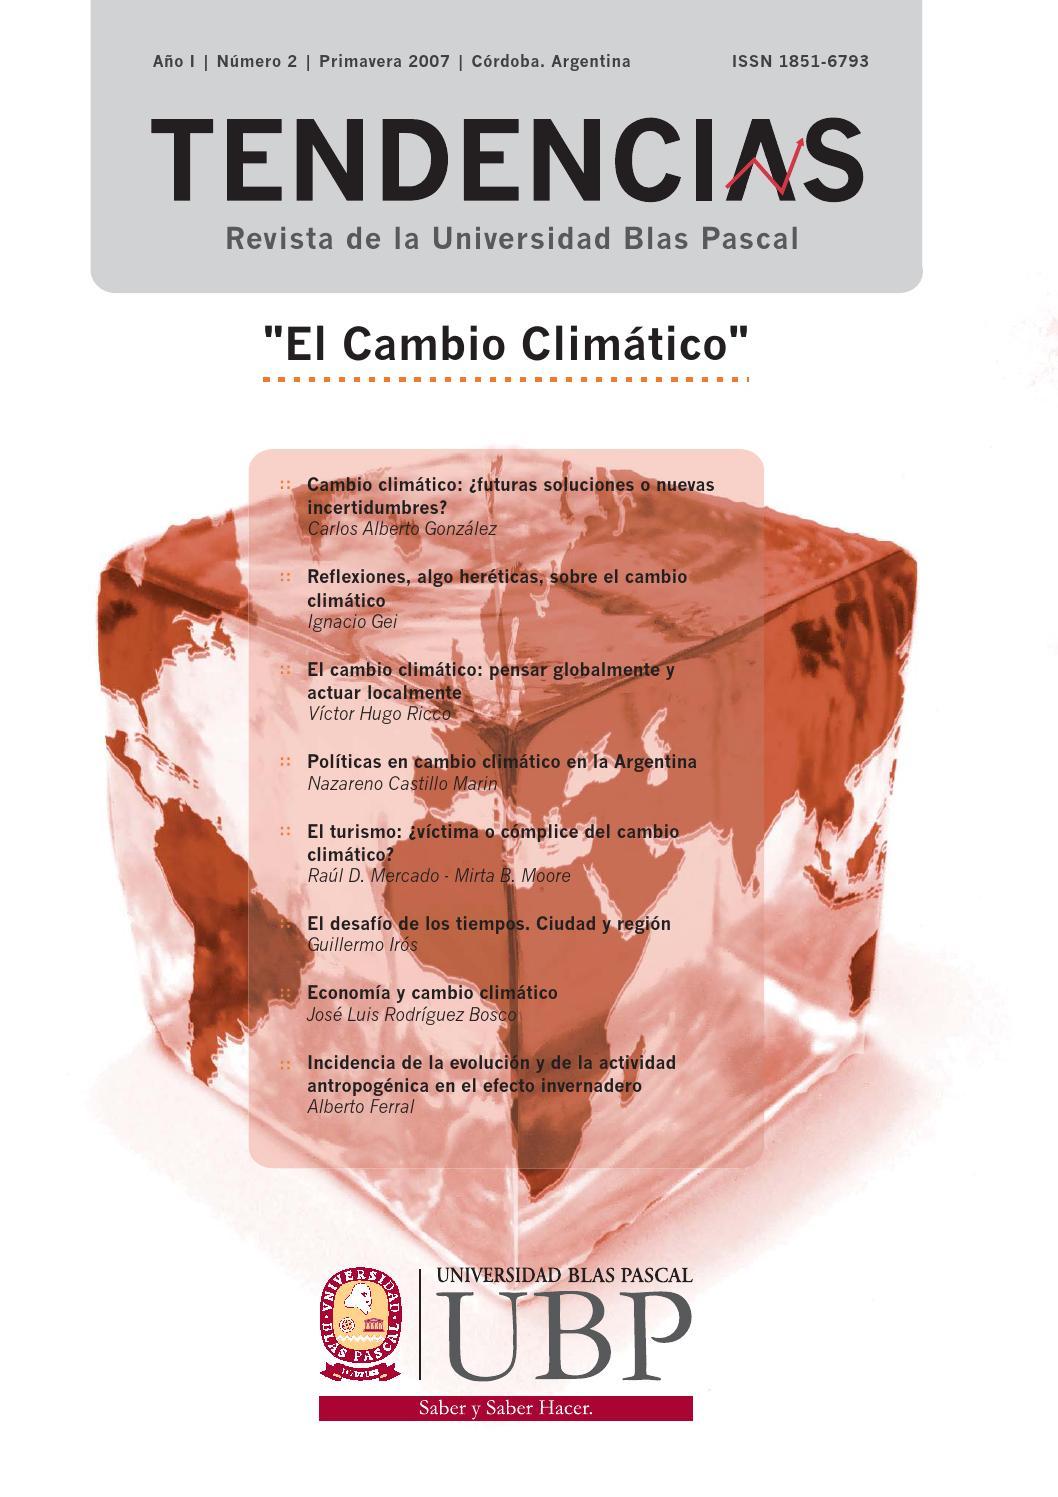 Tendencias Año I – Nº 2 – 2007 by Universidad Blas Pascal - issuu